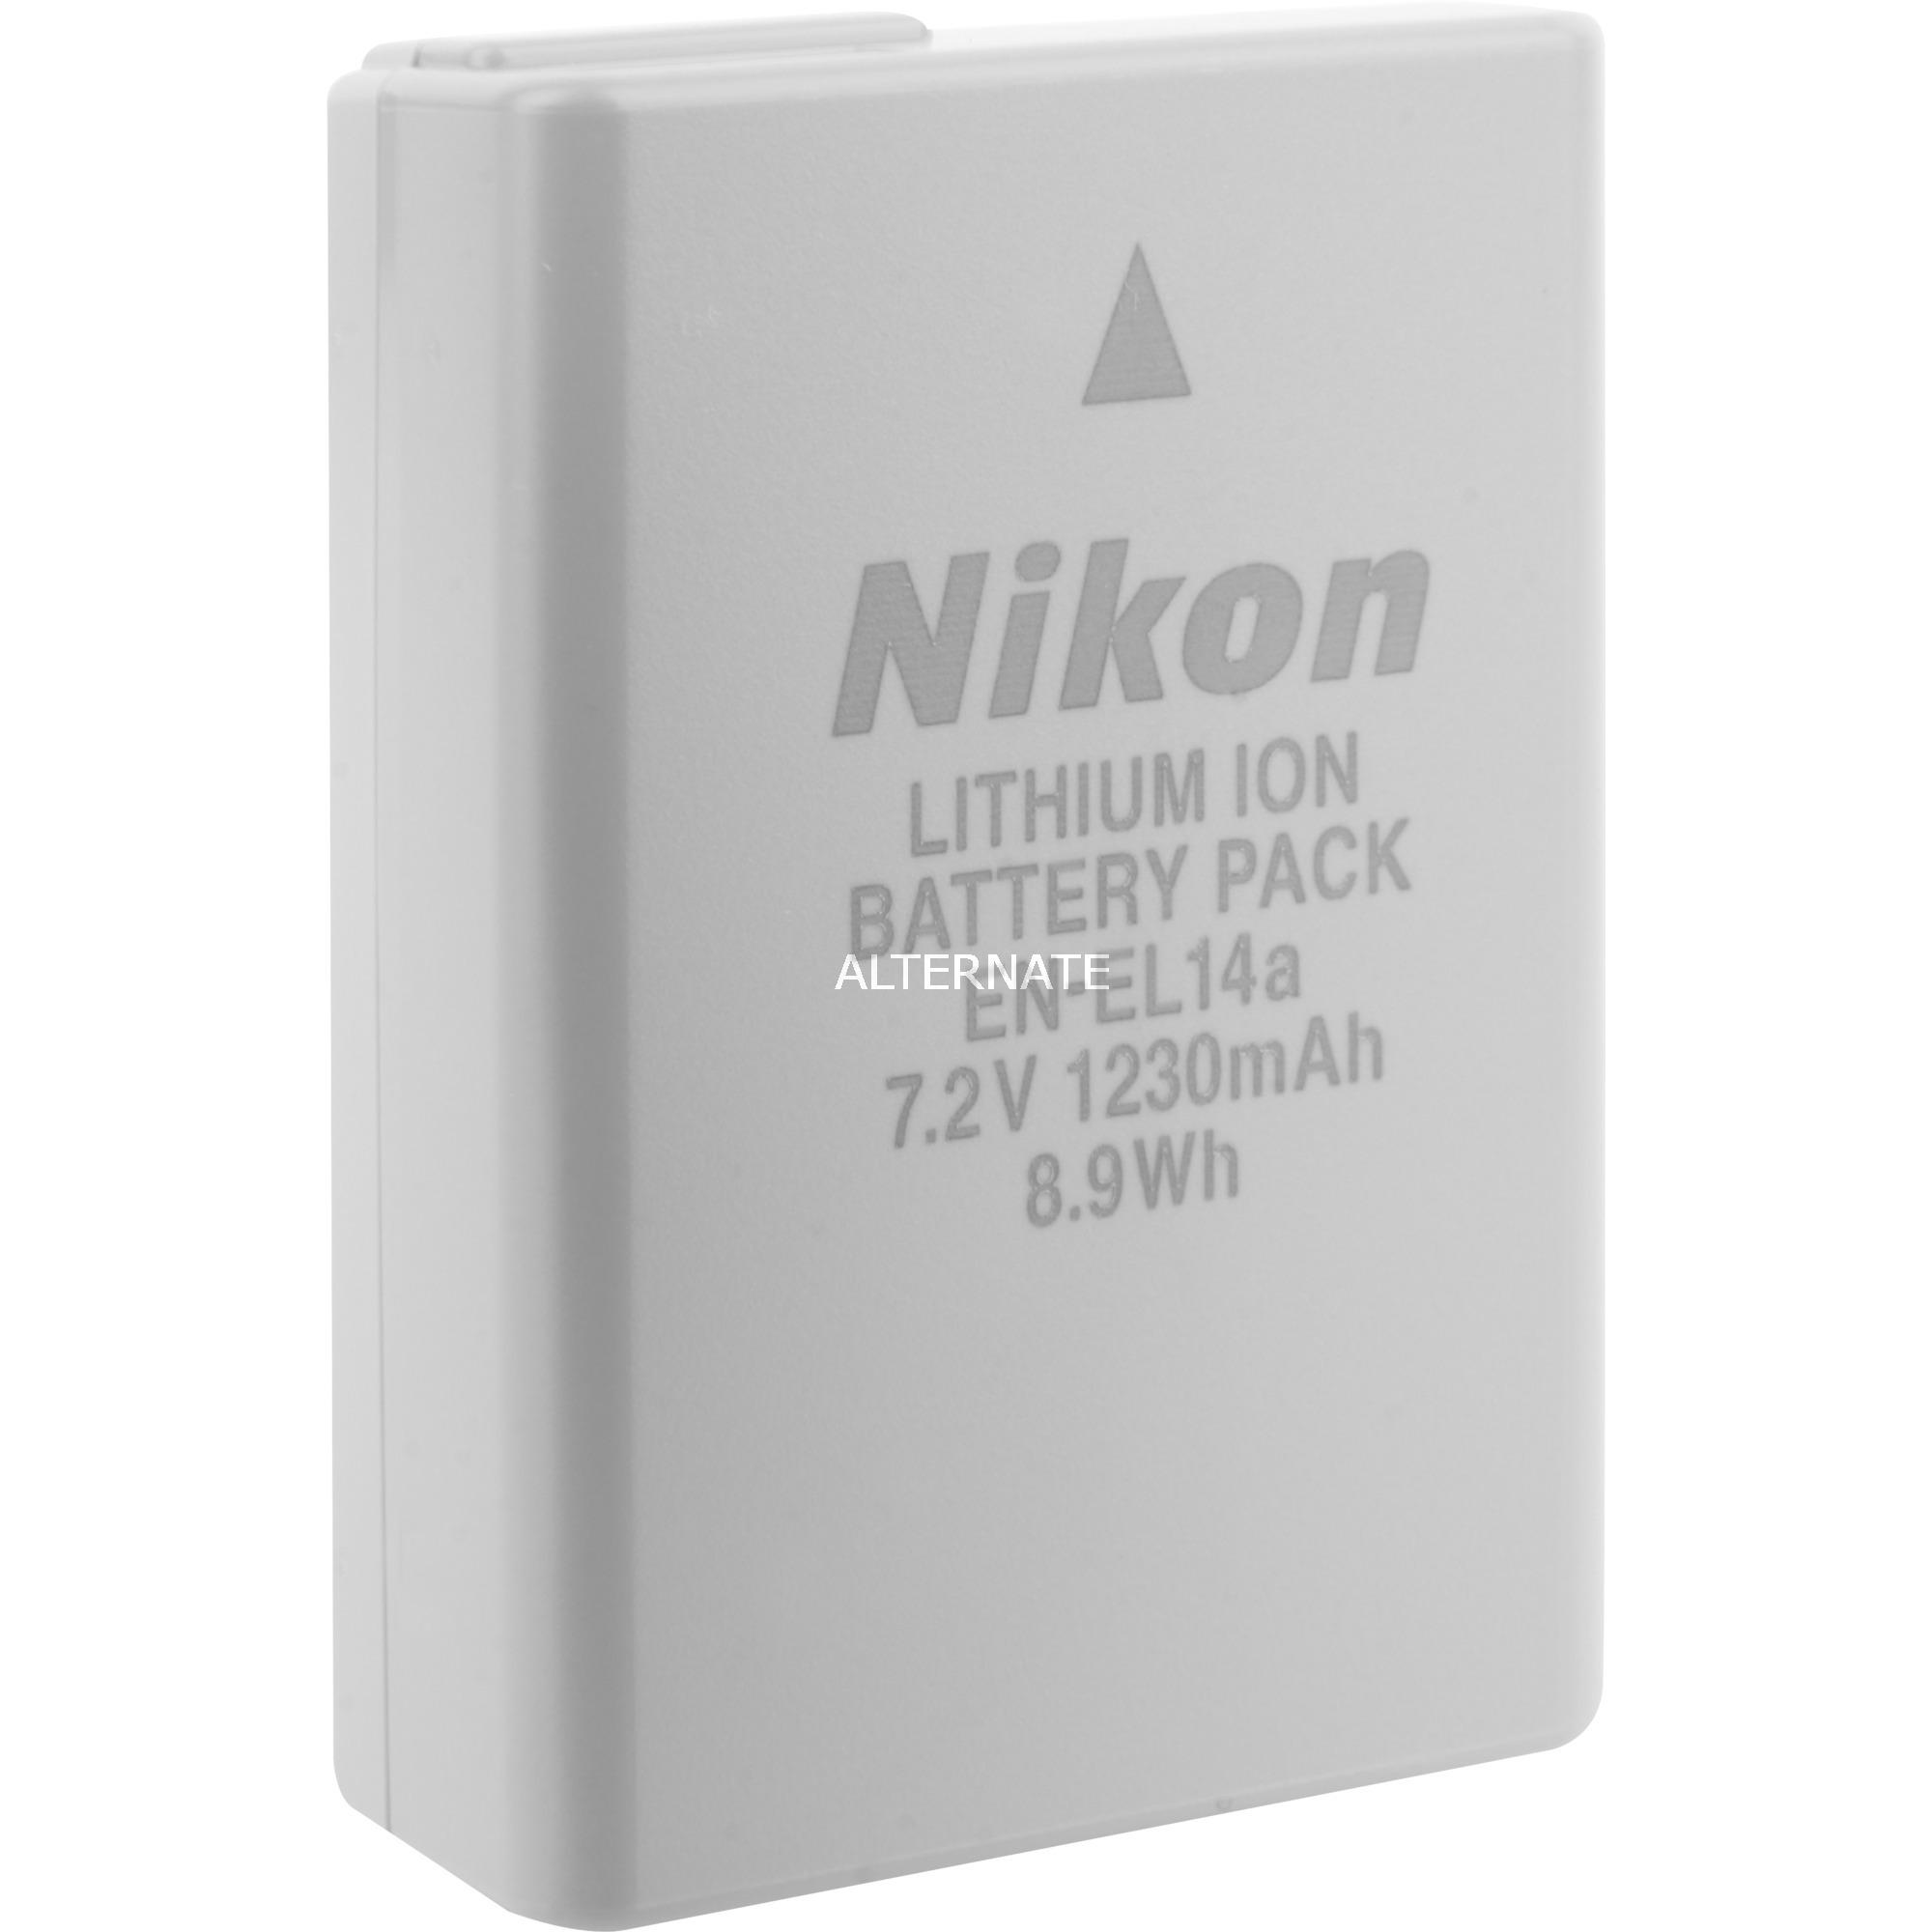 EN-EL14a, Batterie appareil photo